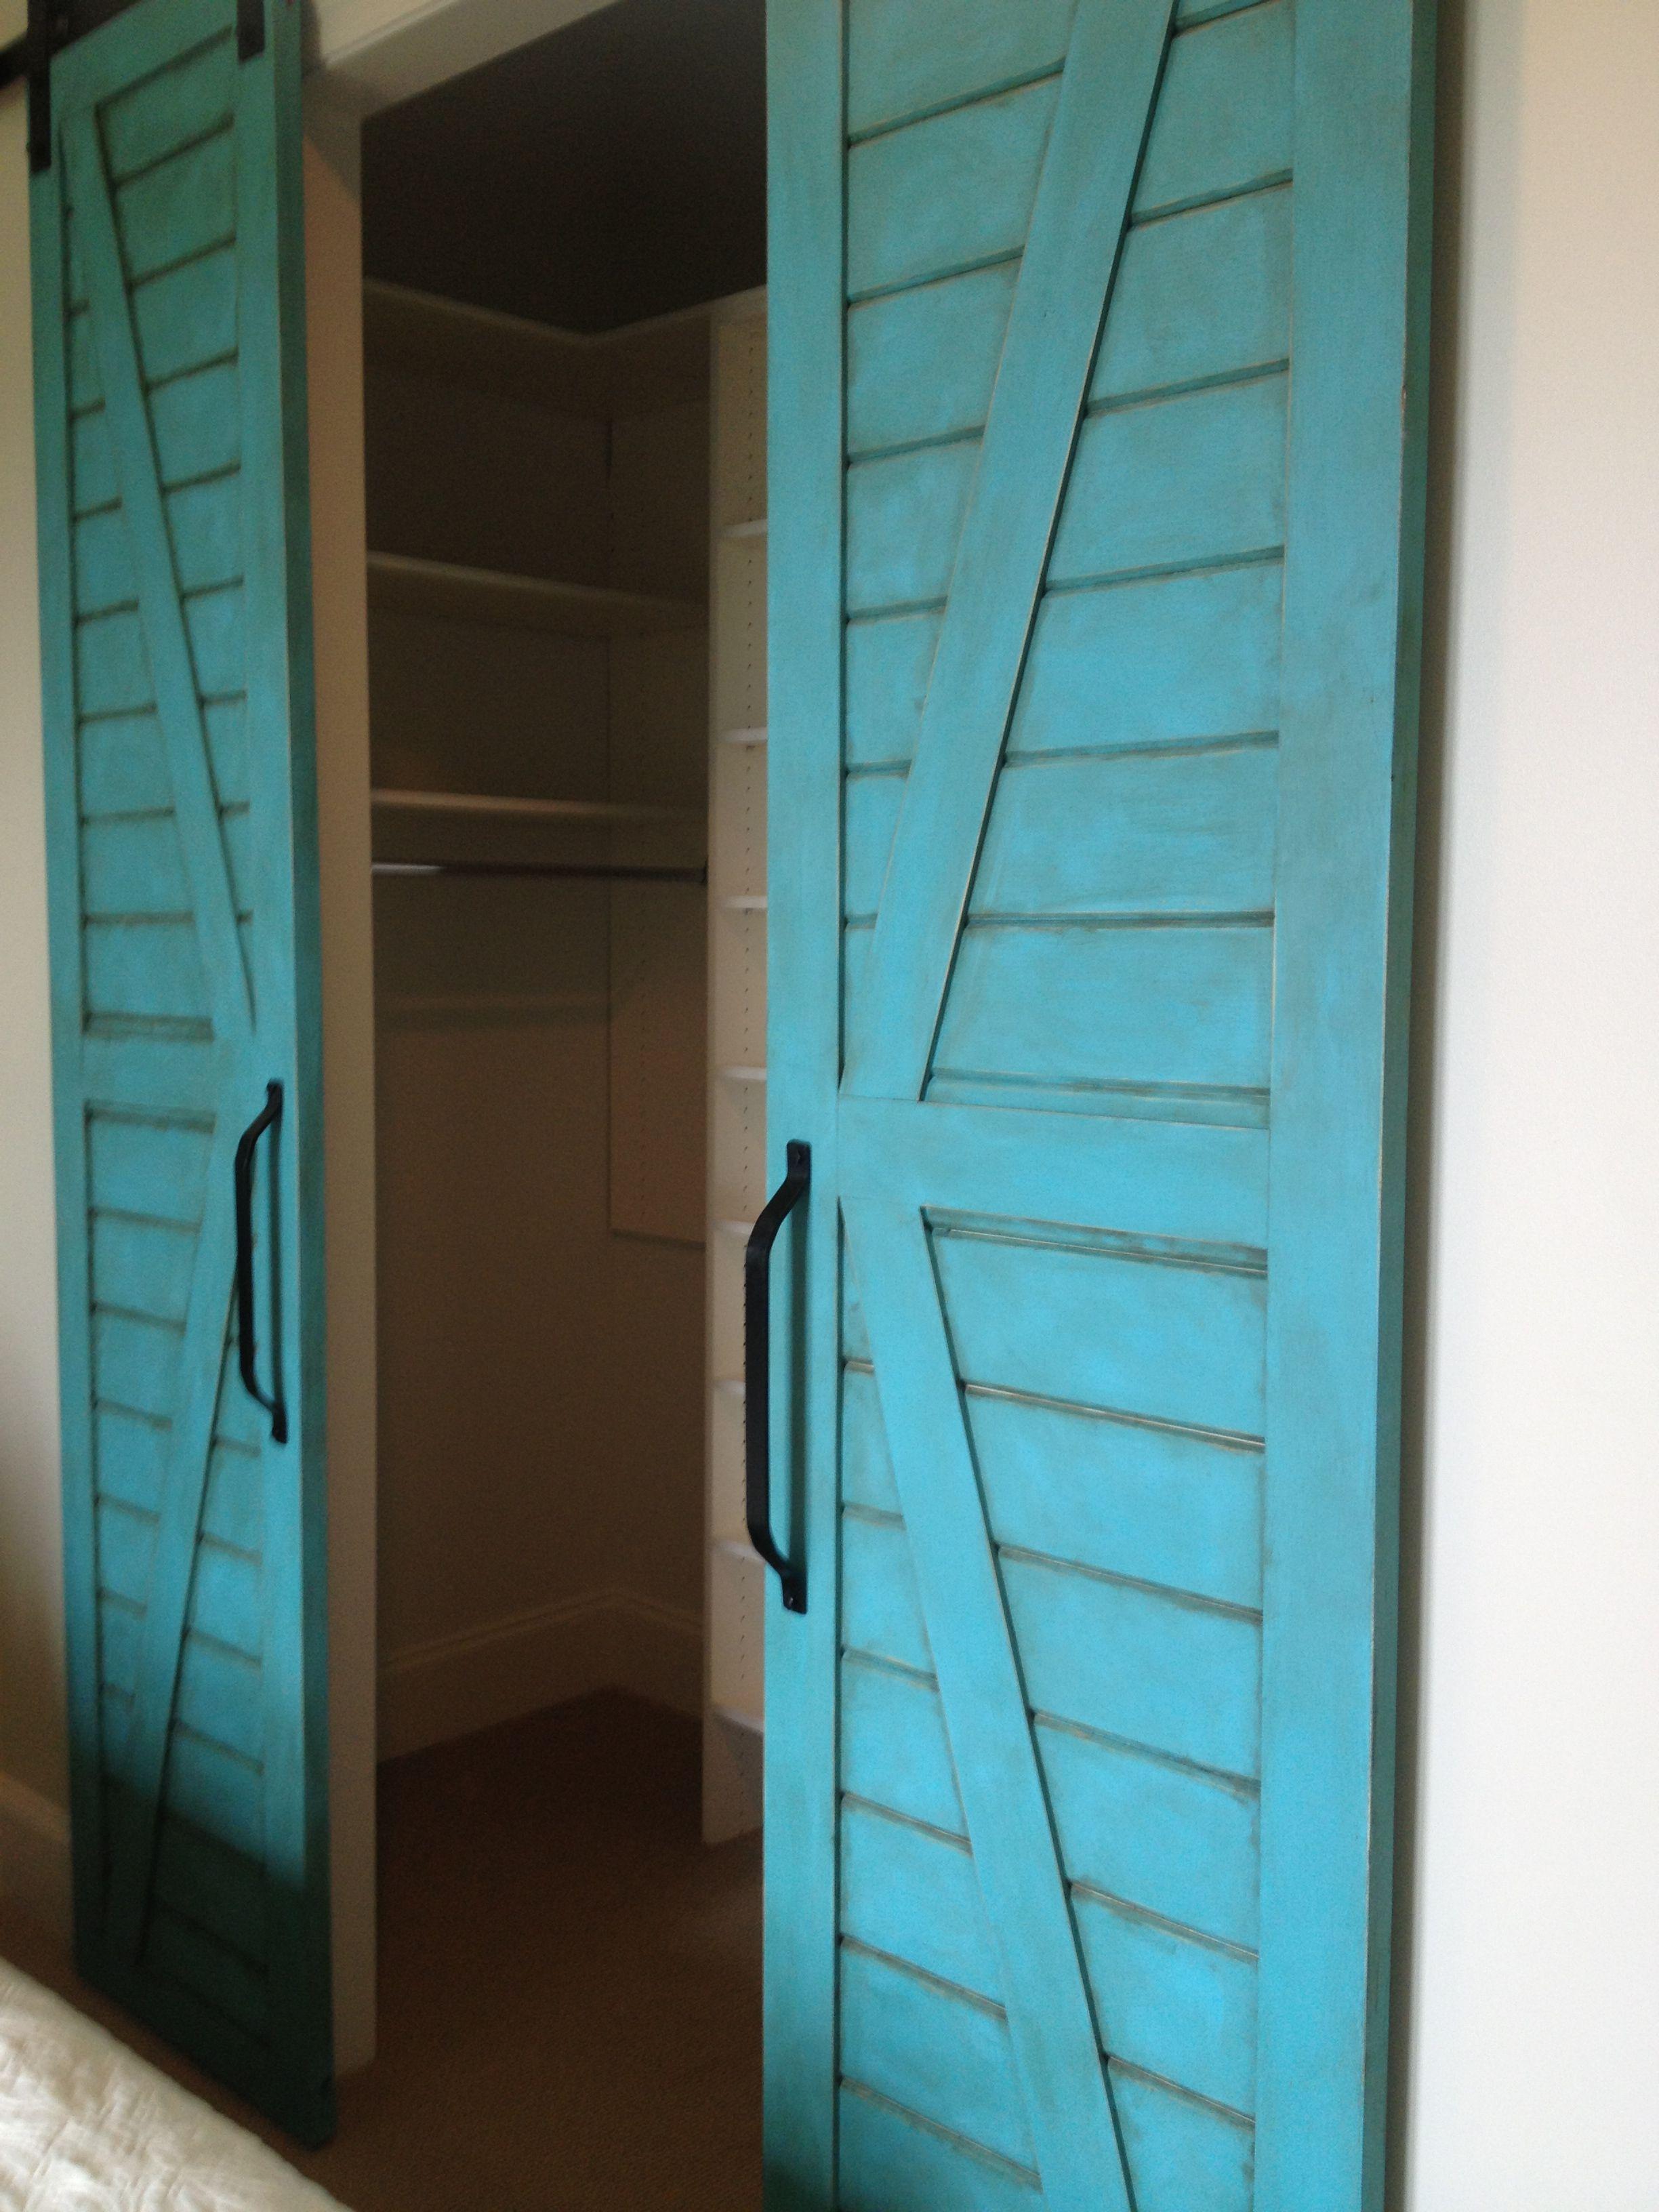 Rental redo Closet doors